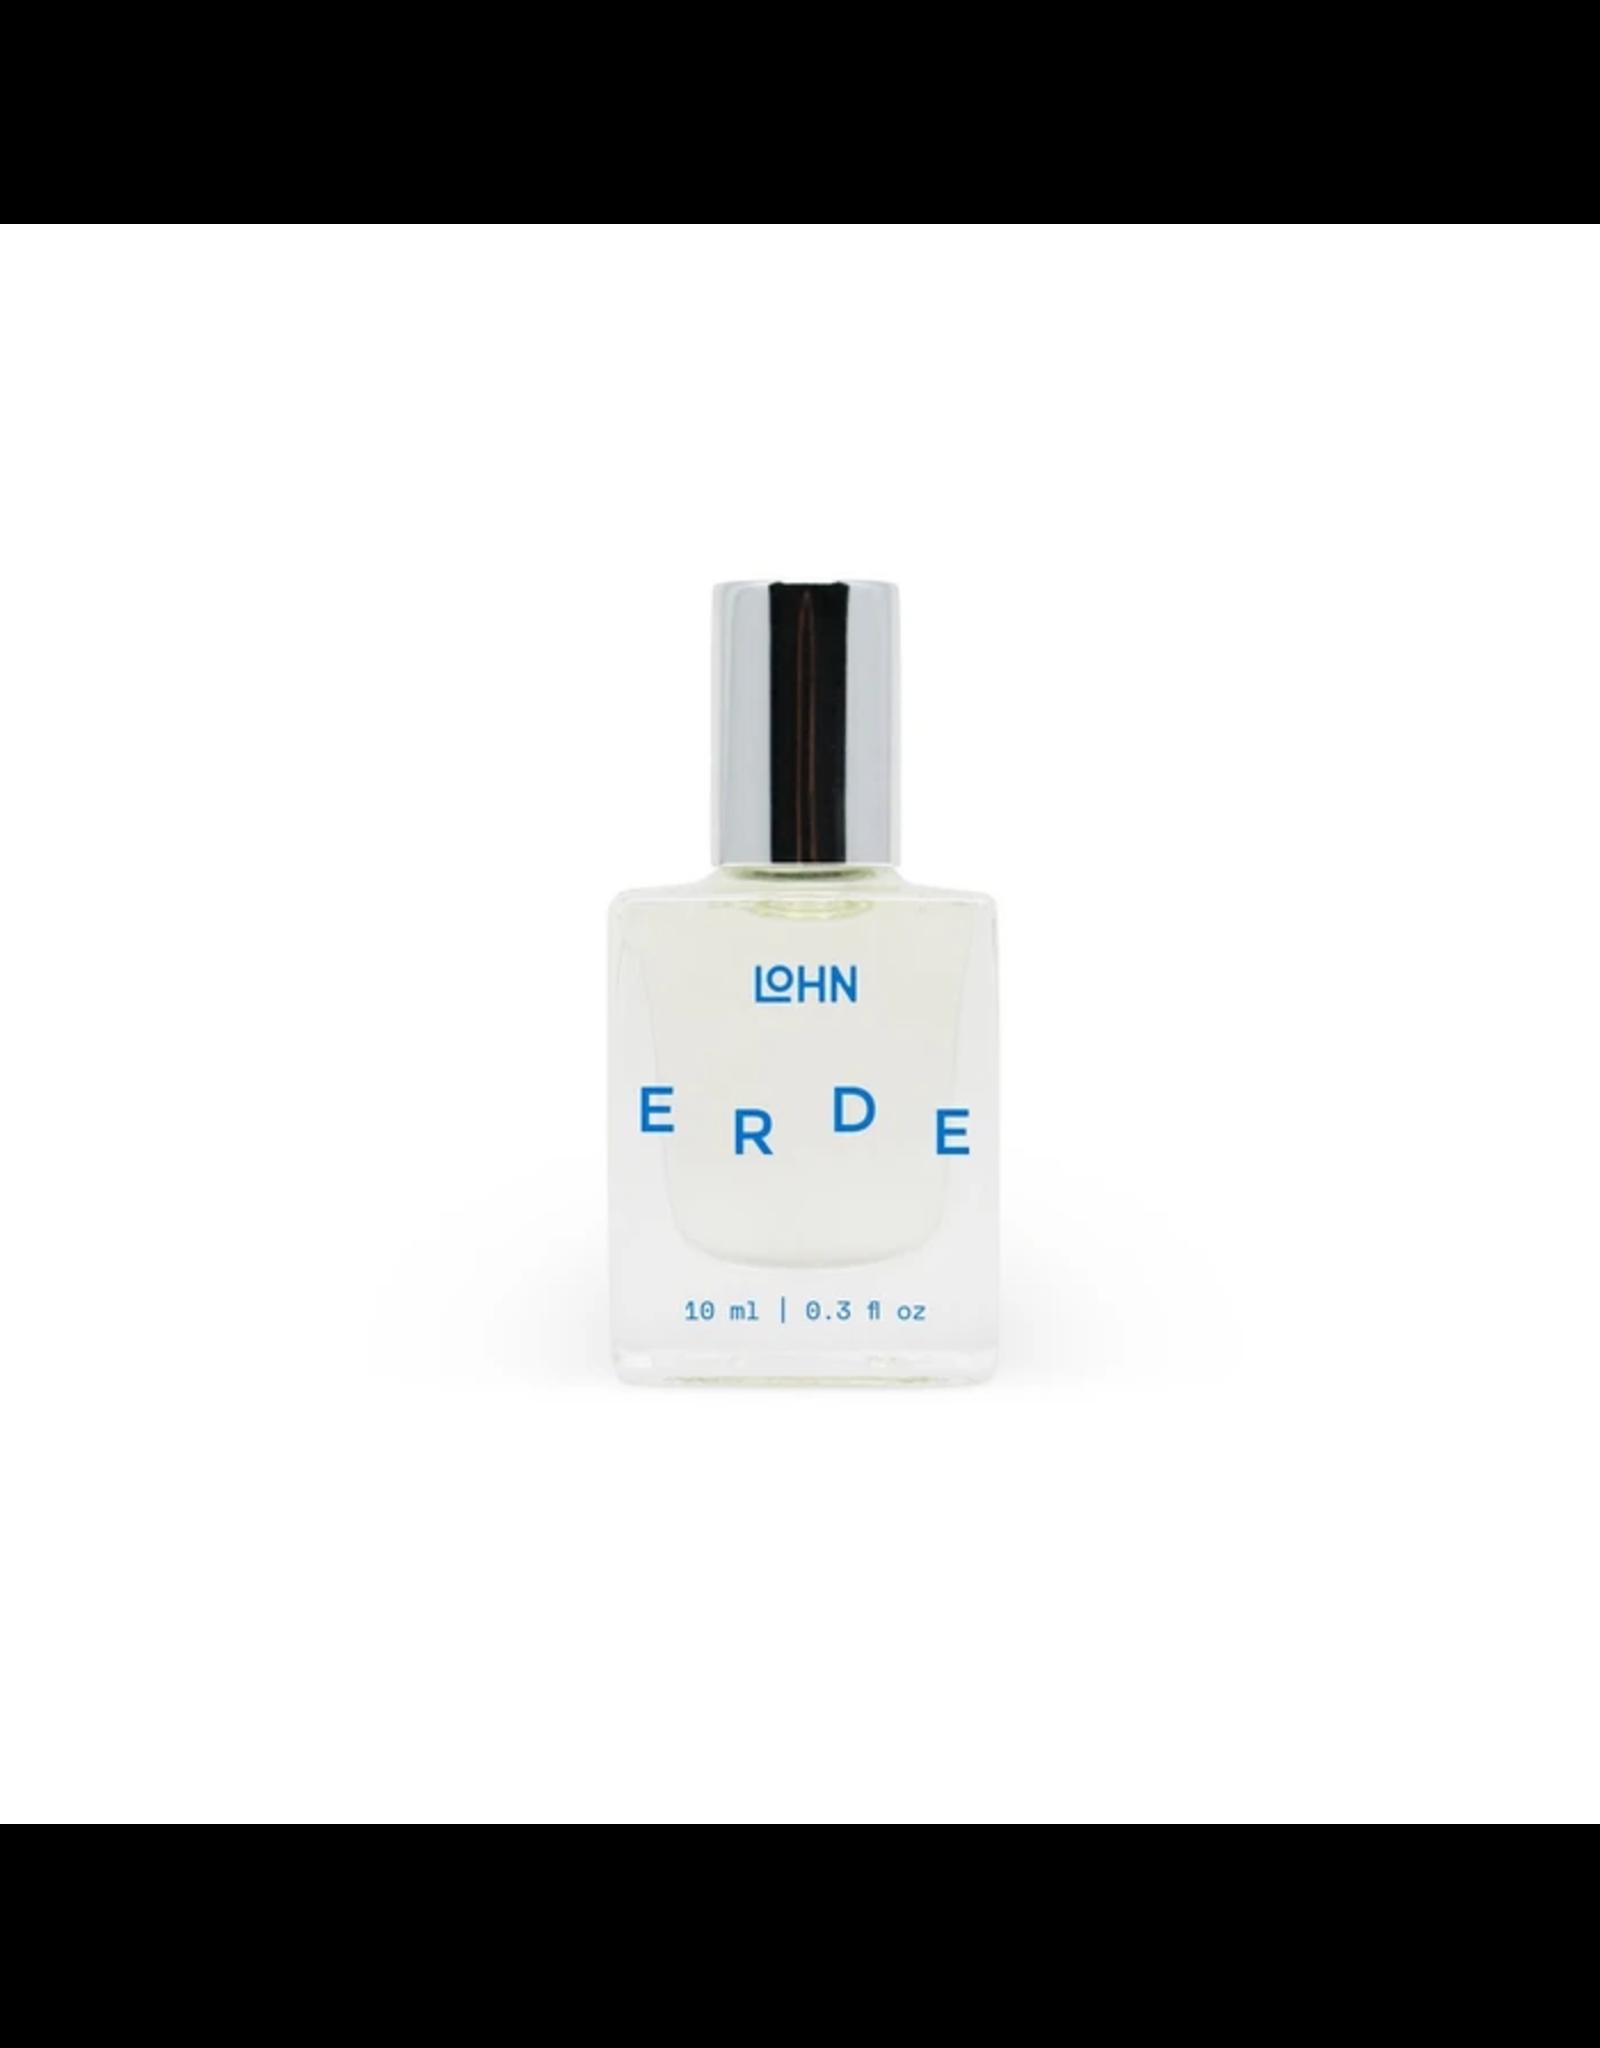 LOHN Erde Perfume Oil - Amber & Vetiver